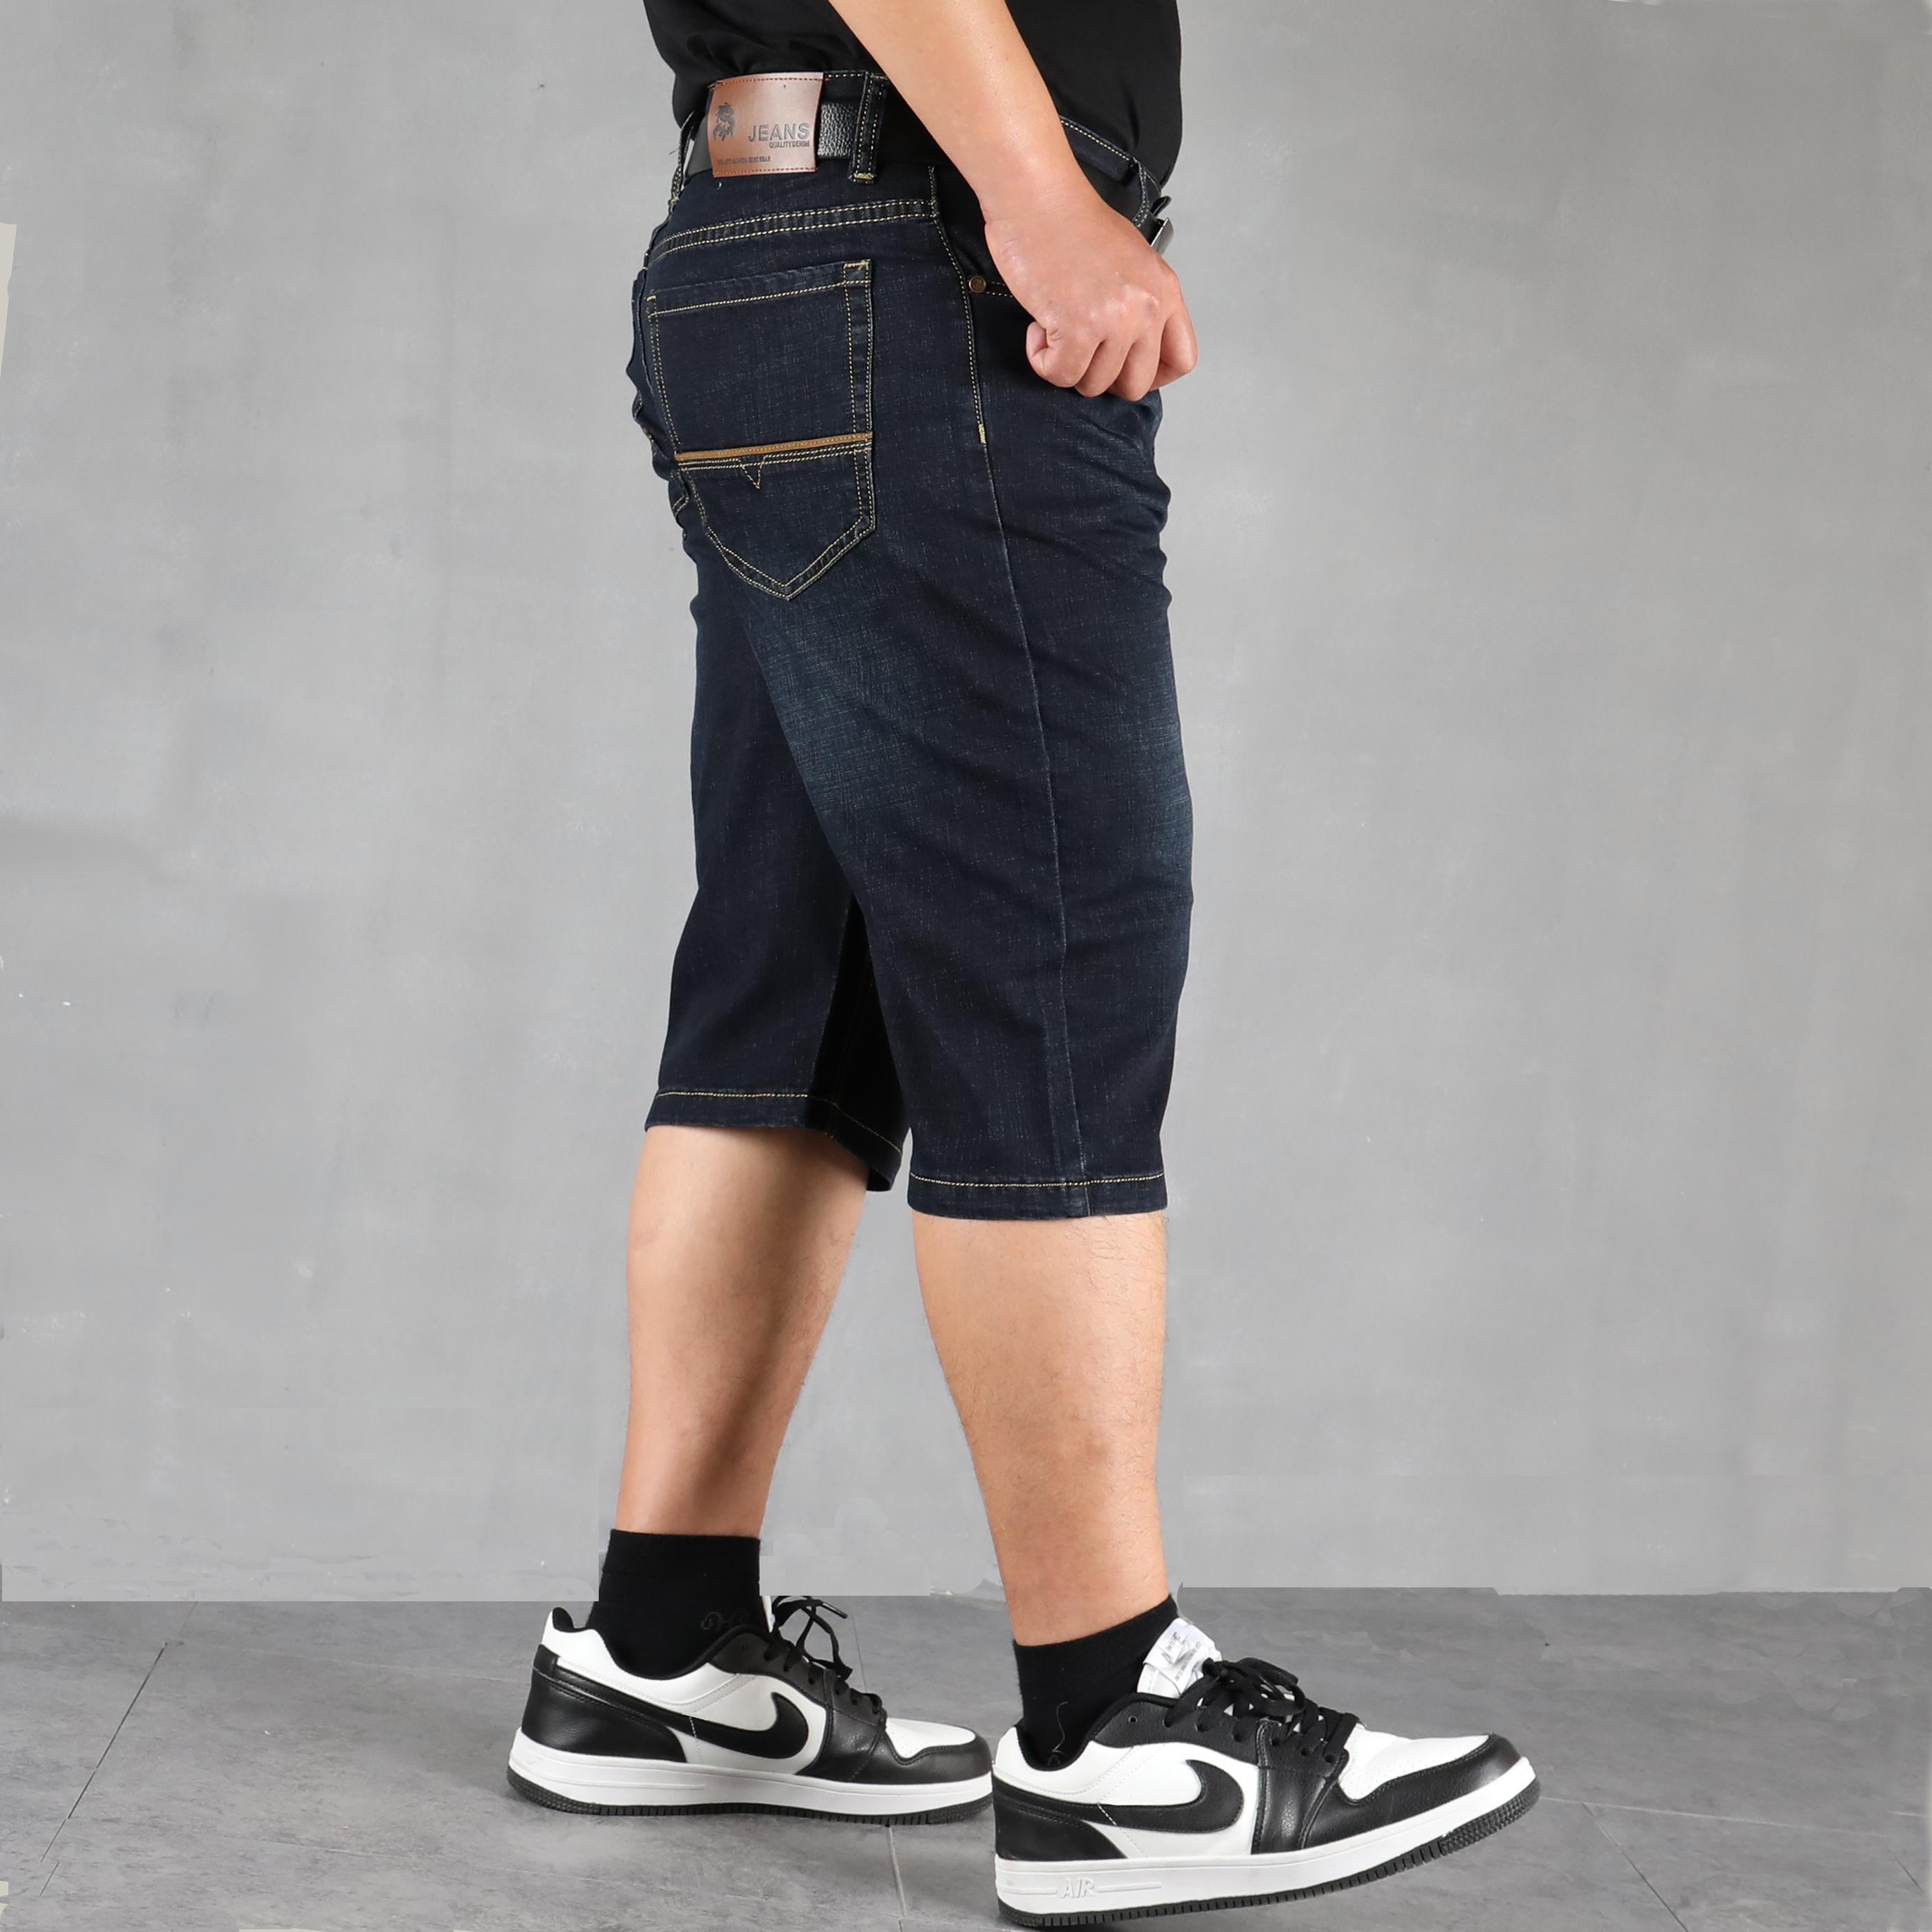 夏季薄款直筒弹力大码高腰牛仔短裤男加肥加大宽松肥佬七分裤胖子